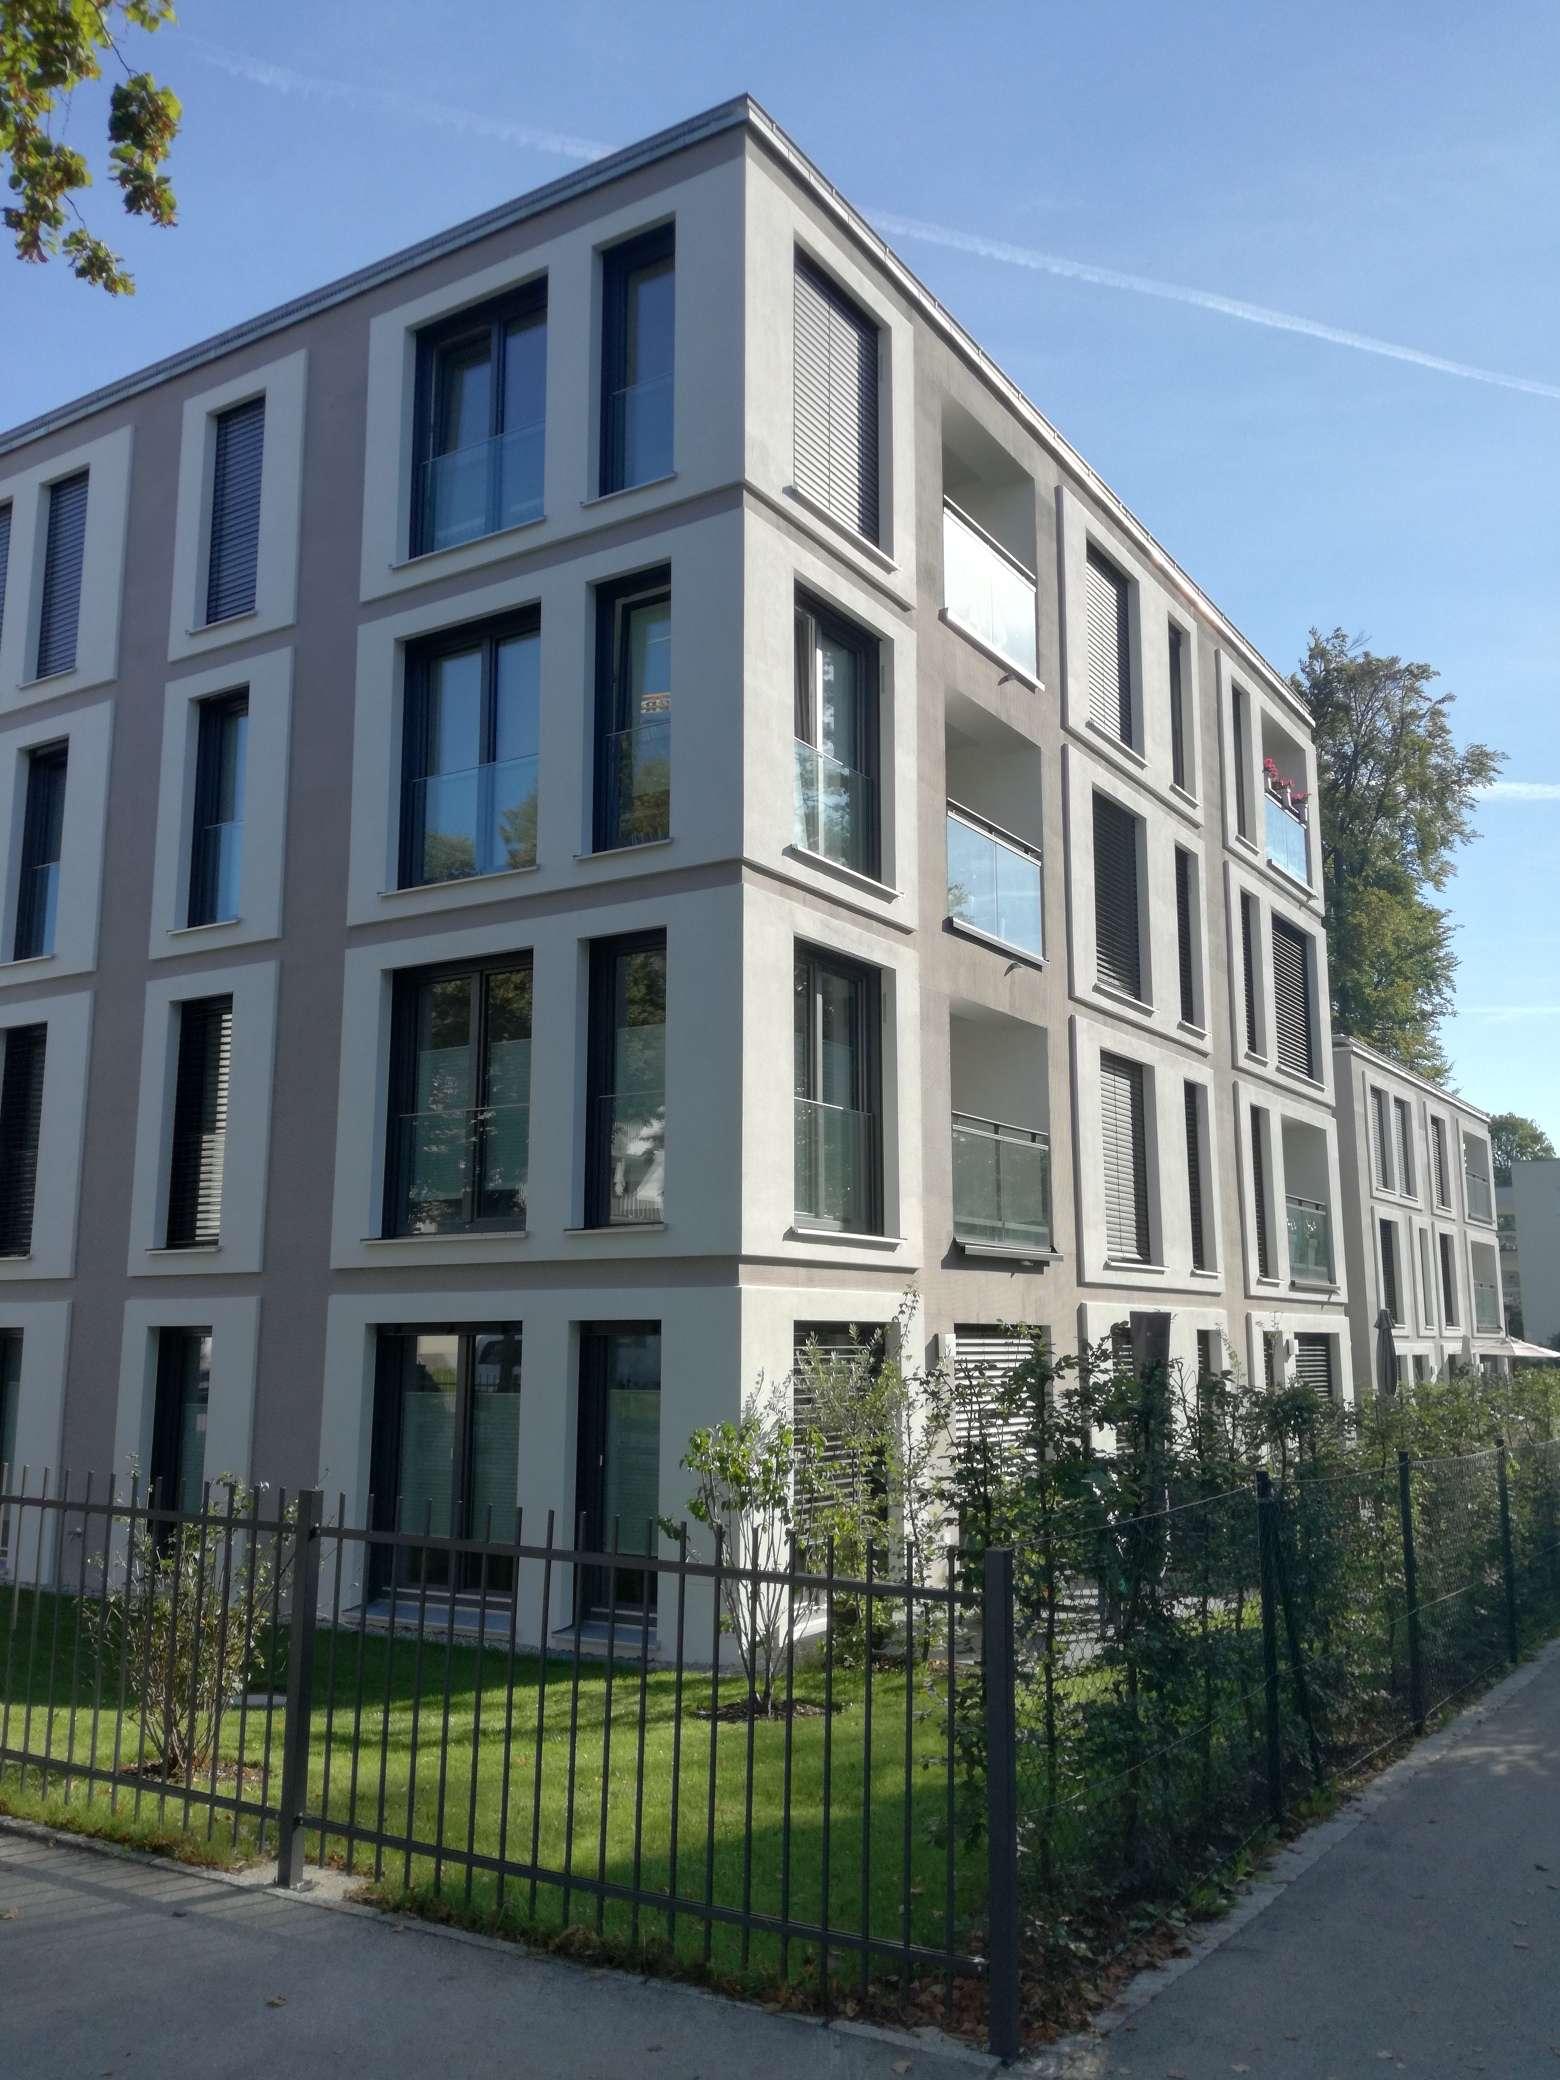 Wohnen zentral in Starnberg! Helle 2-Zimmer-Wohnung